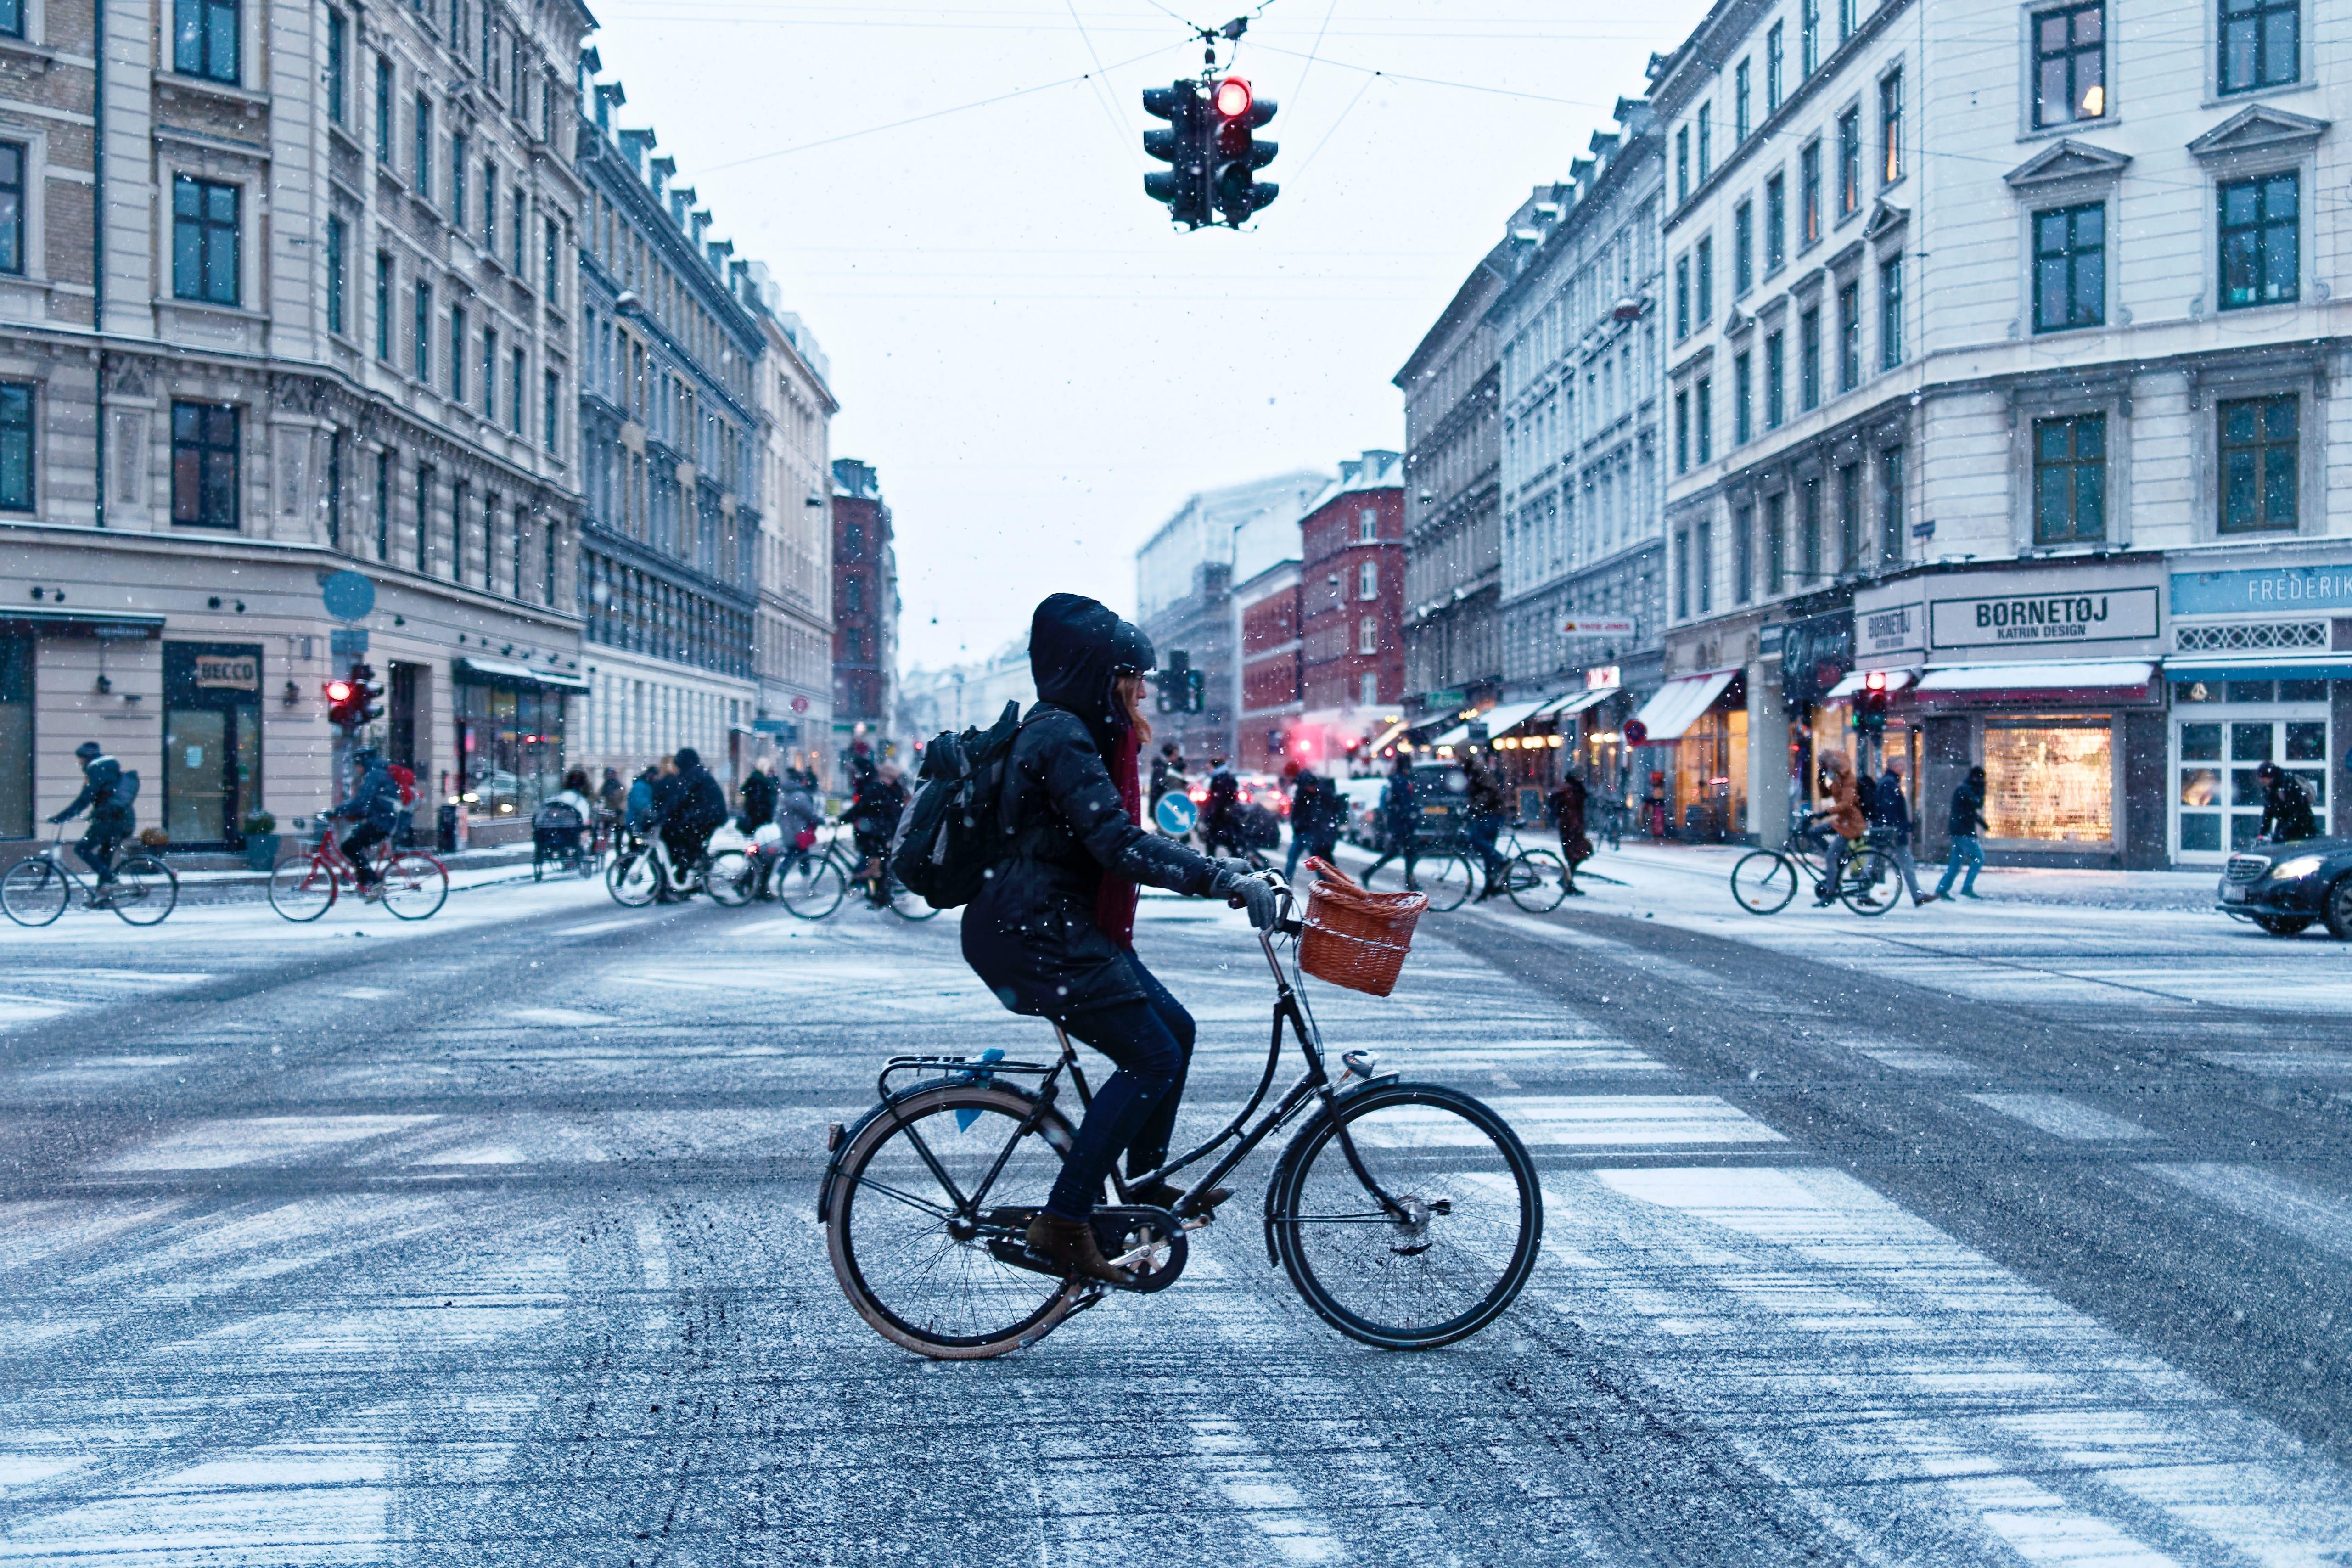 Trucos para ahorrar viviendo en Copenhague